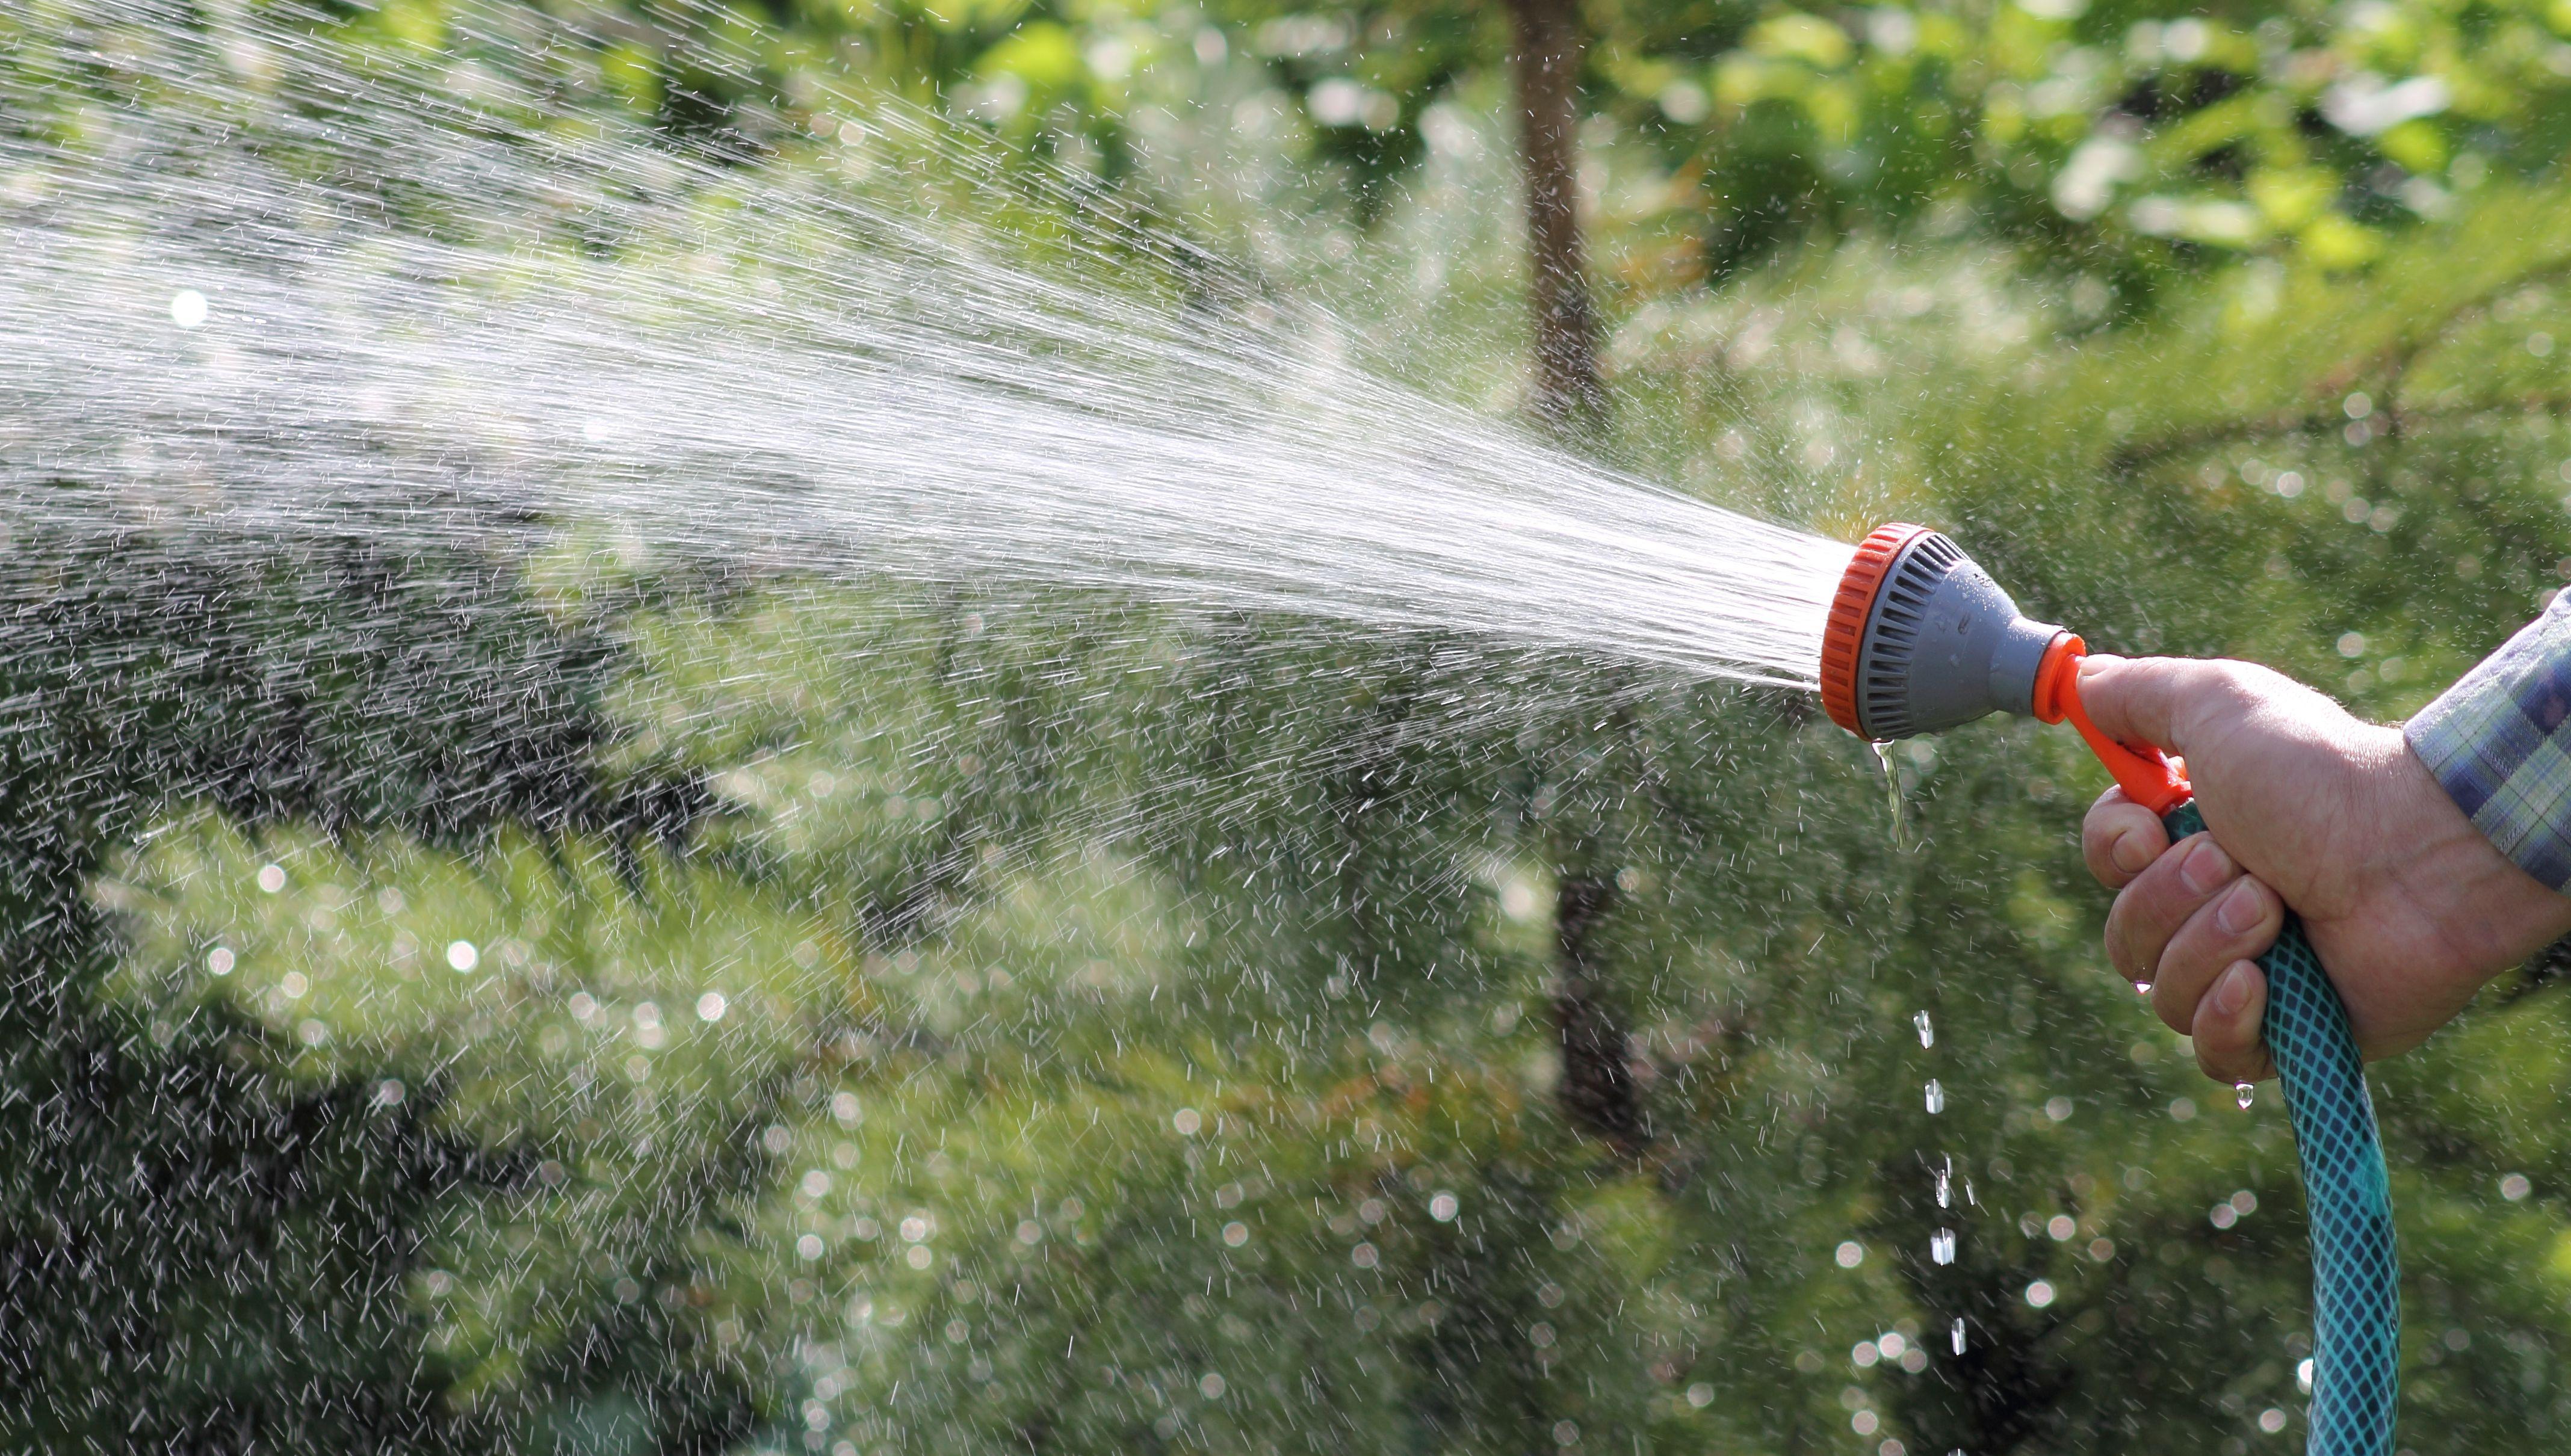 Полив - основа благополучия сада. Как правильно поливать деревья?